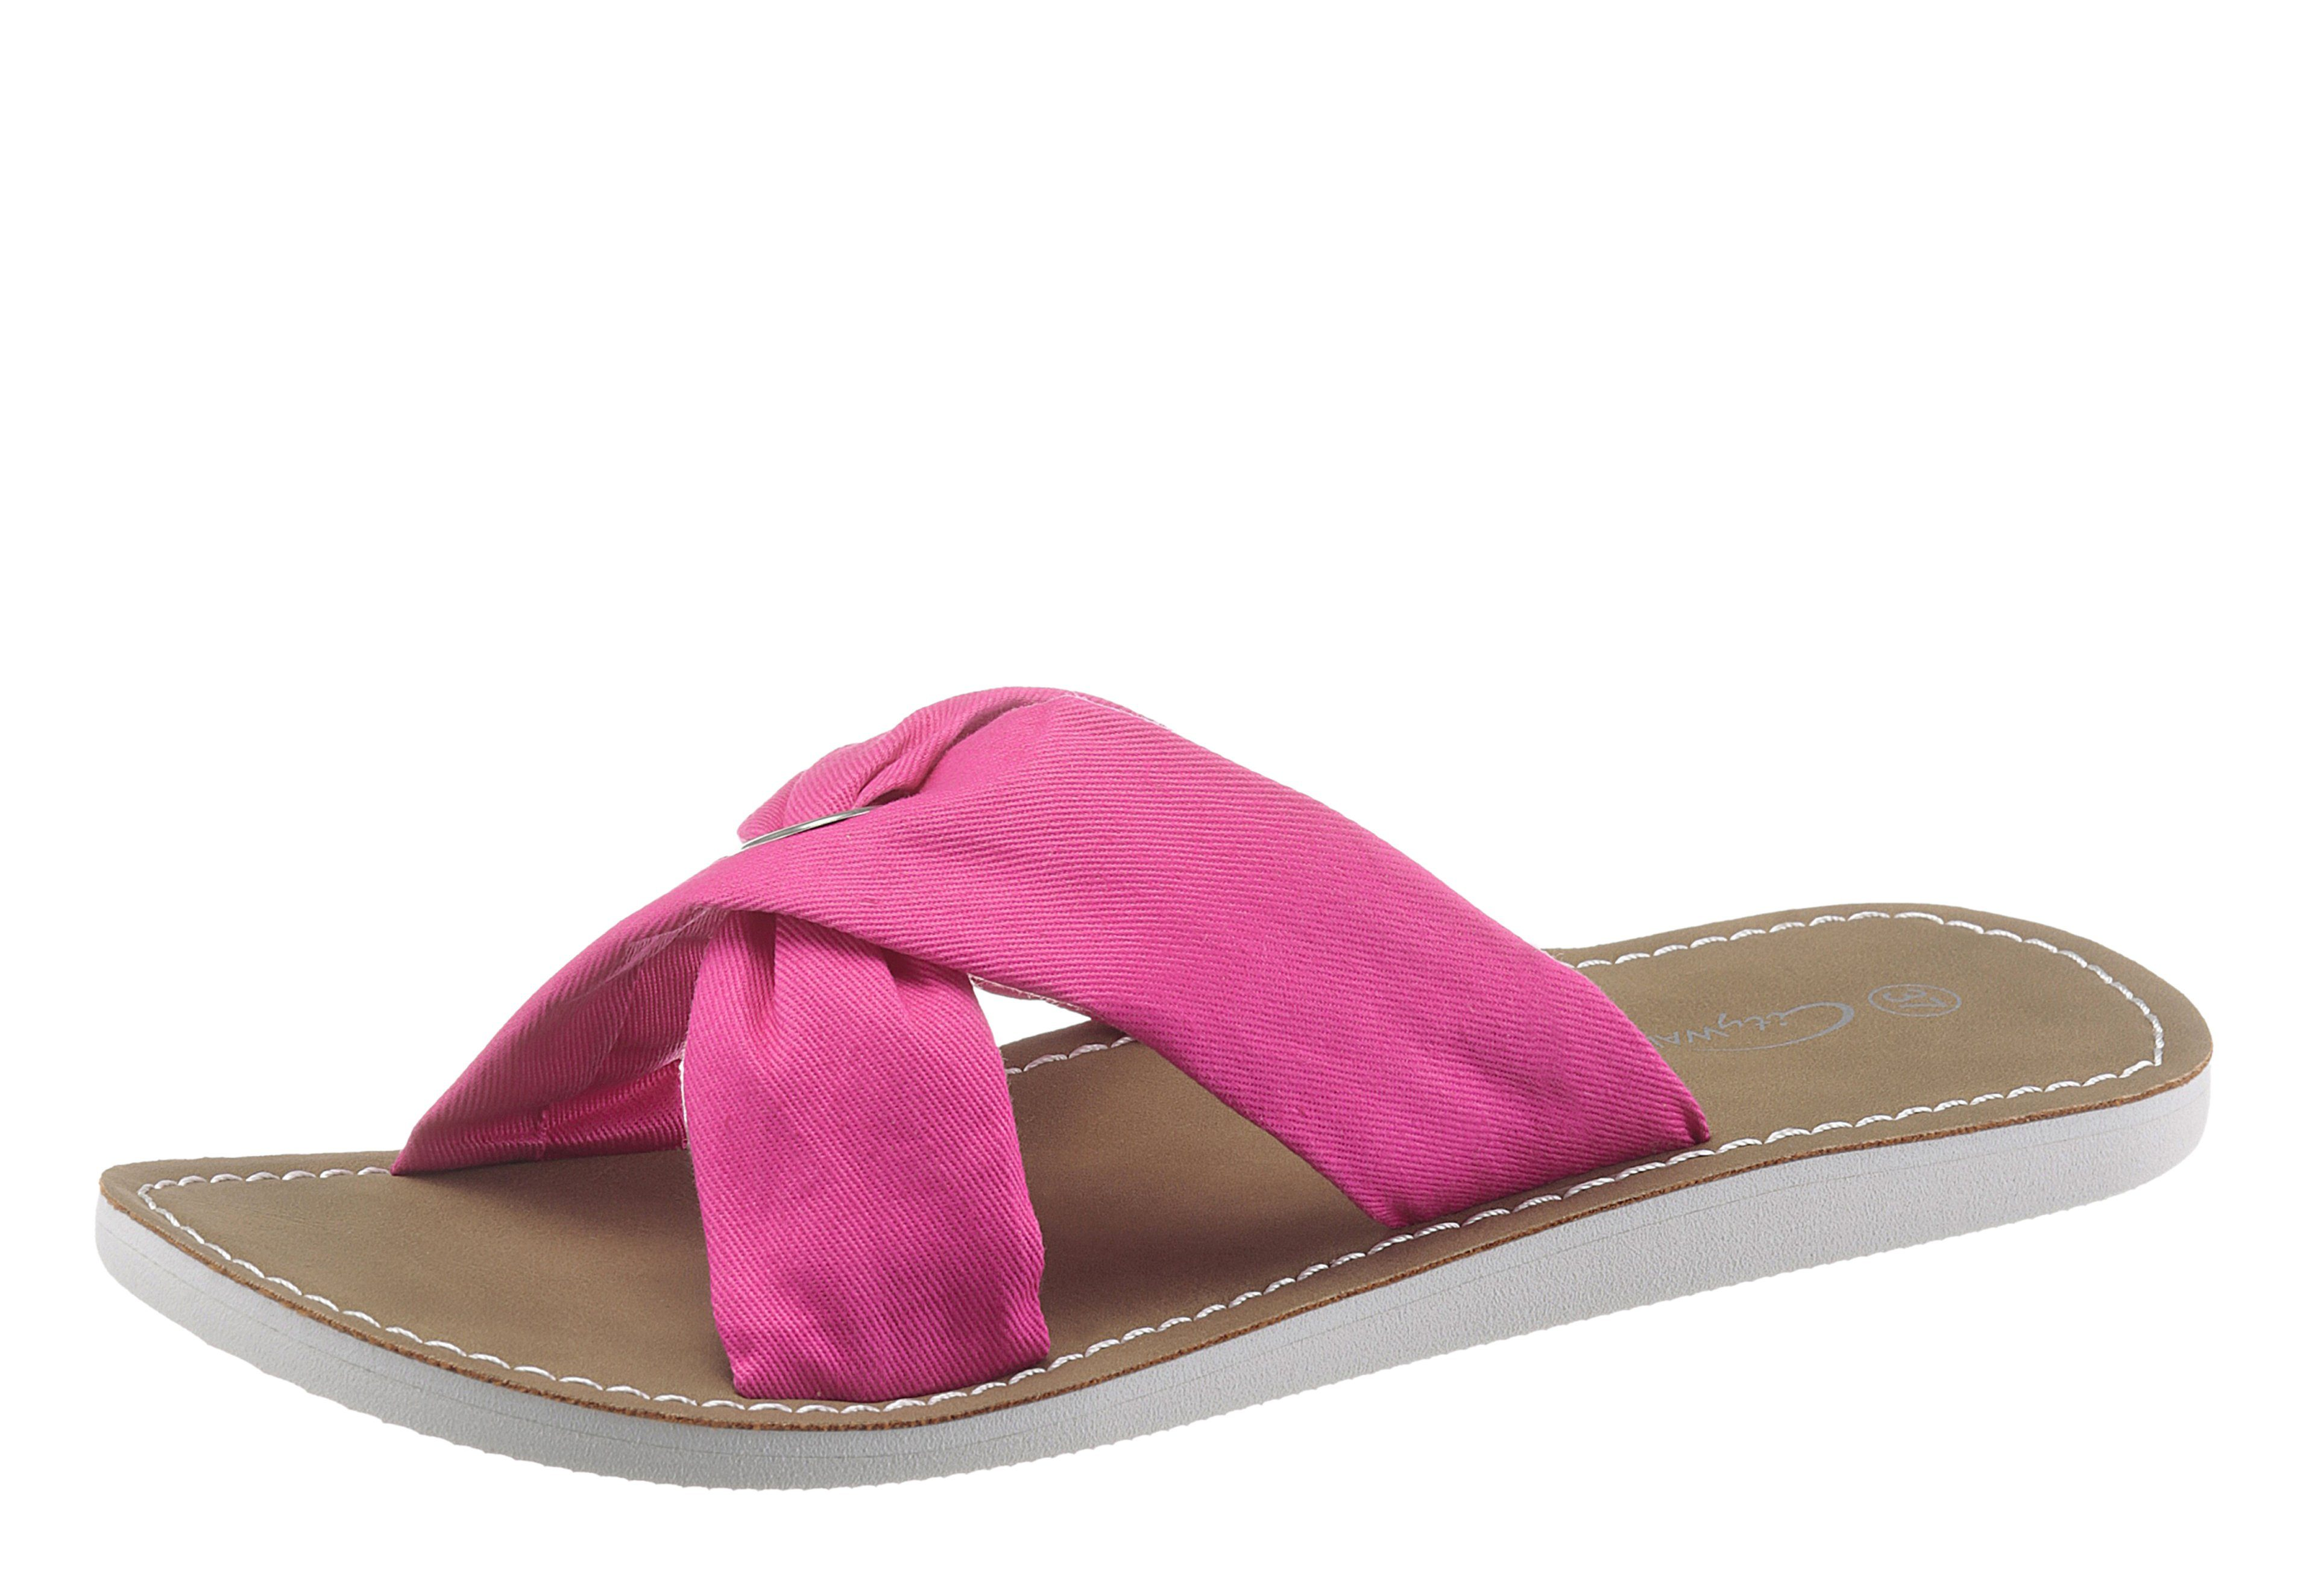 CITY WALK Pantolette, mit Kreuzbandage, rosa, EURO-Größen, rosa